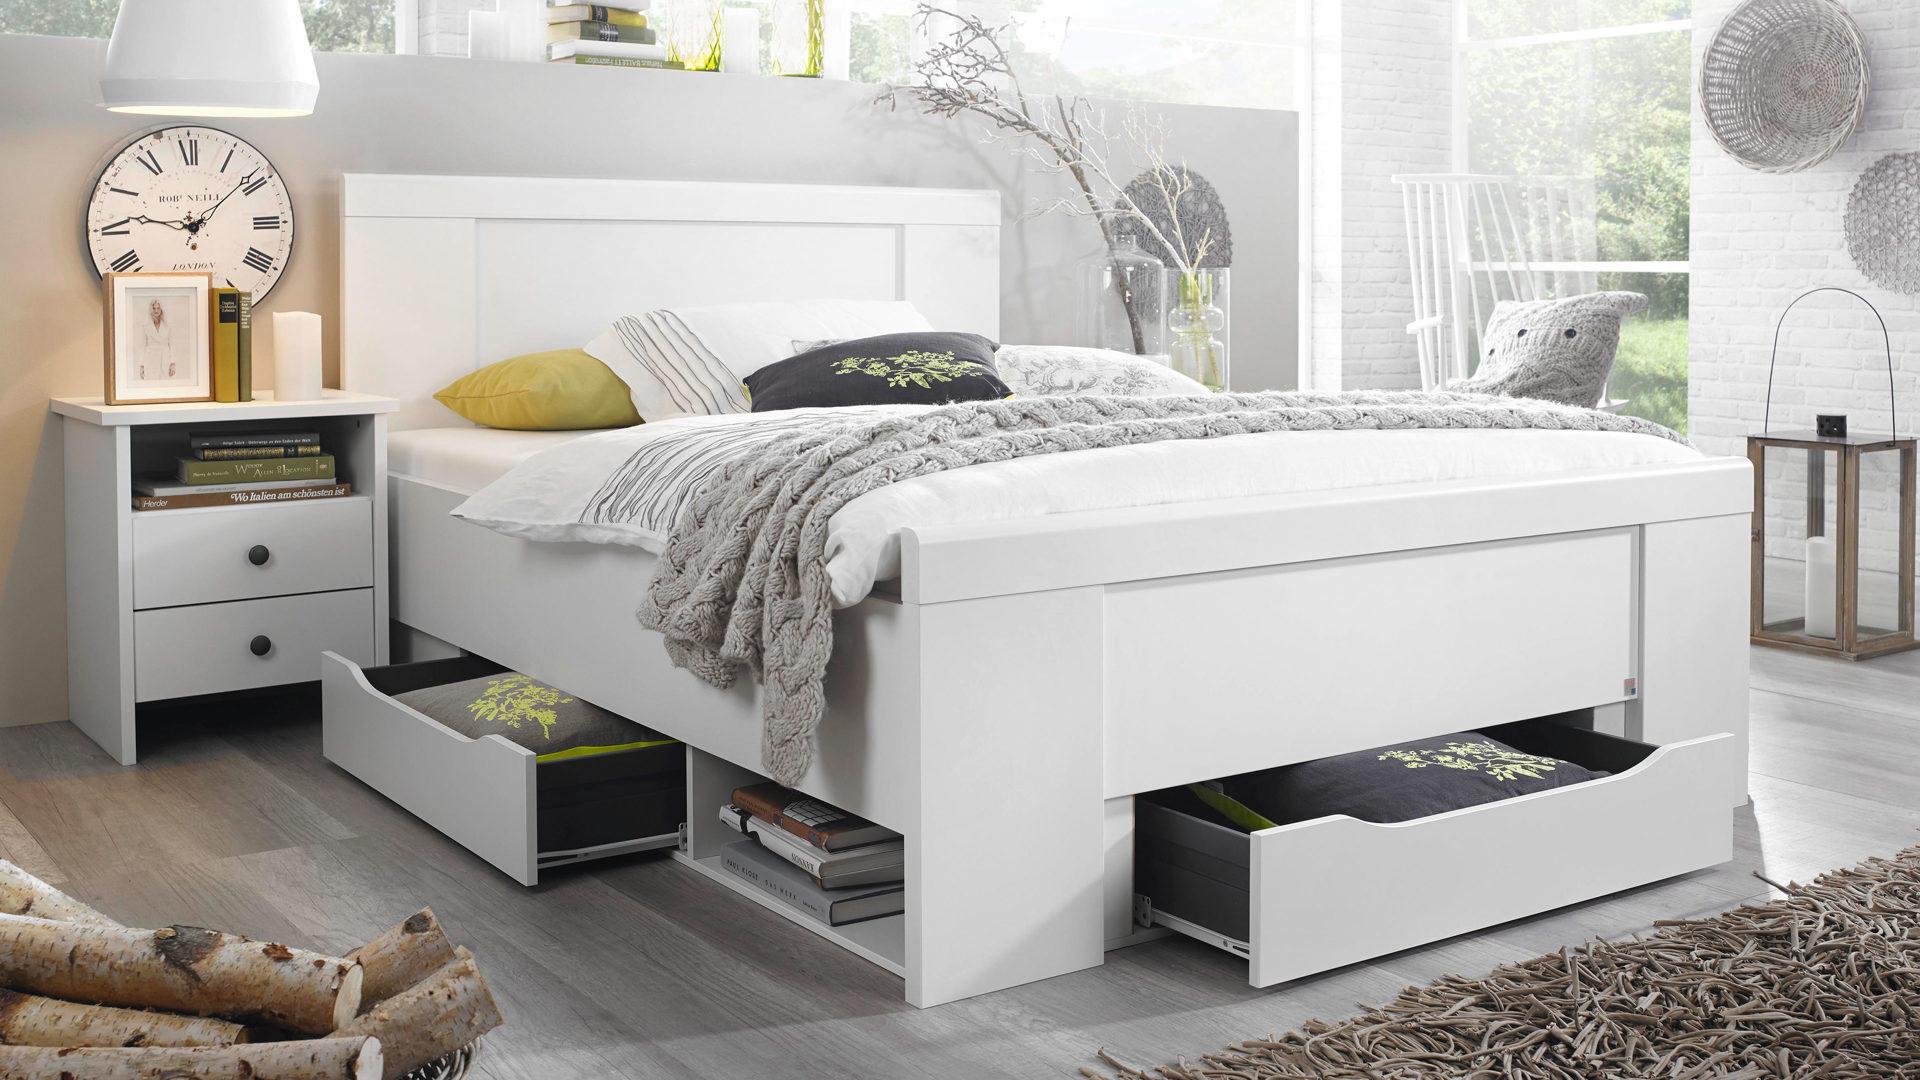 Trendwerk By Möbel Busch | Räume | Schlafzimmer | Betten | KAWOO  Bettgestell Agnetha Für Ihren Schlafkomfort | KAWOO Bettgestell Agnetha Für  Ihren ...